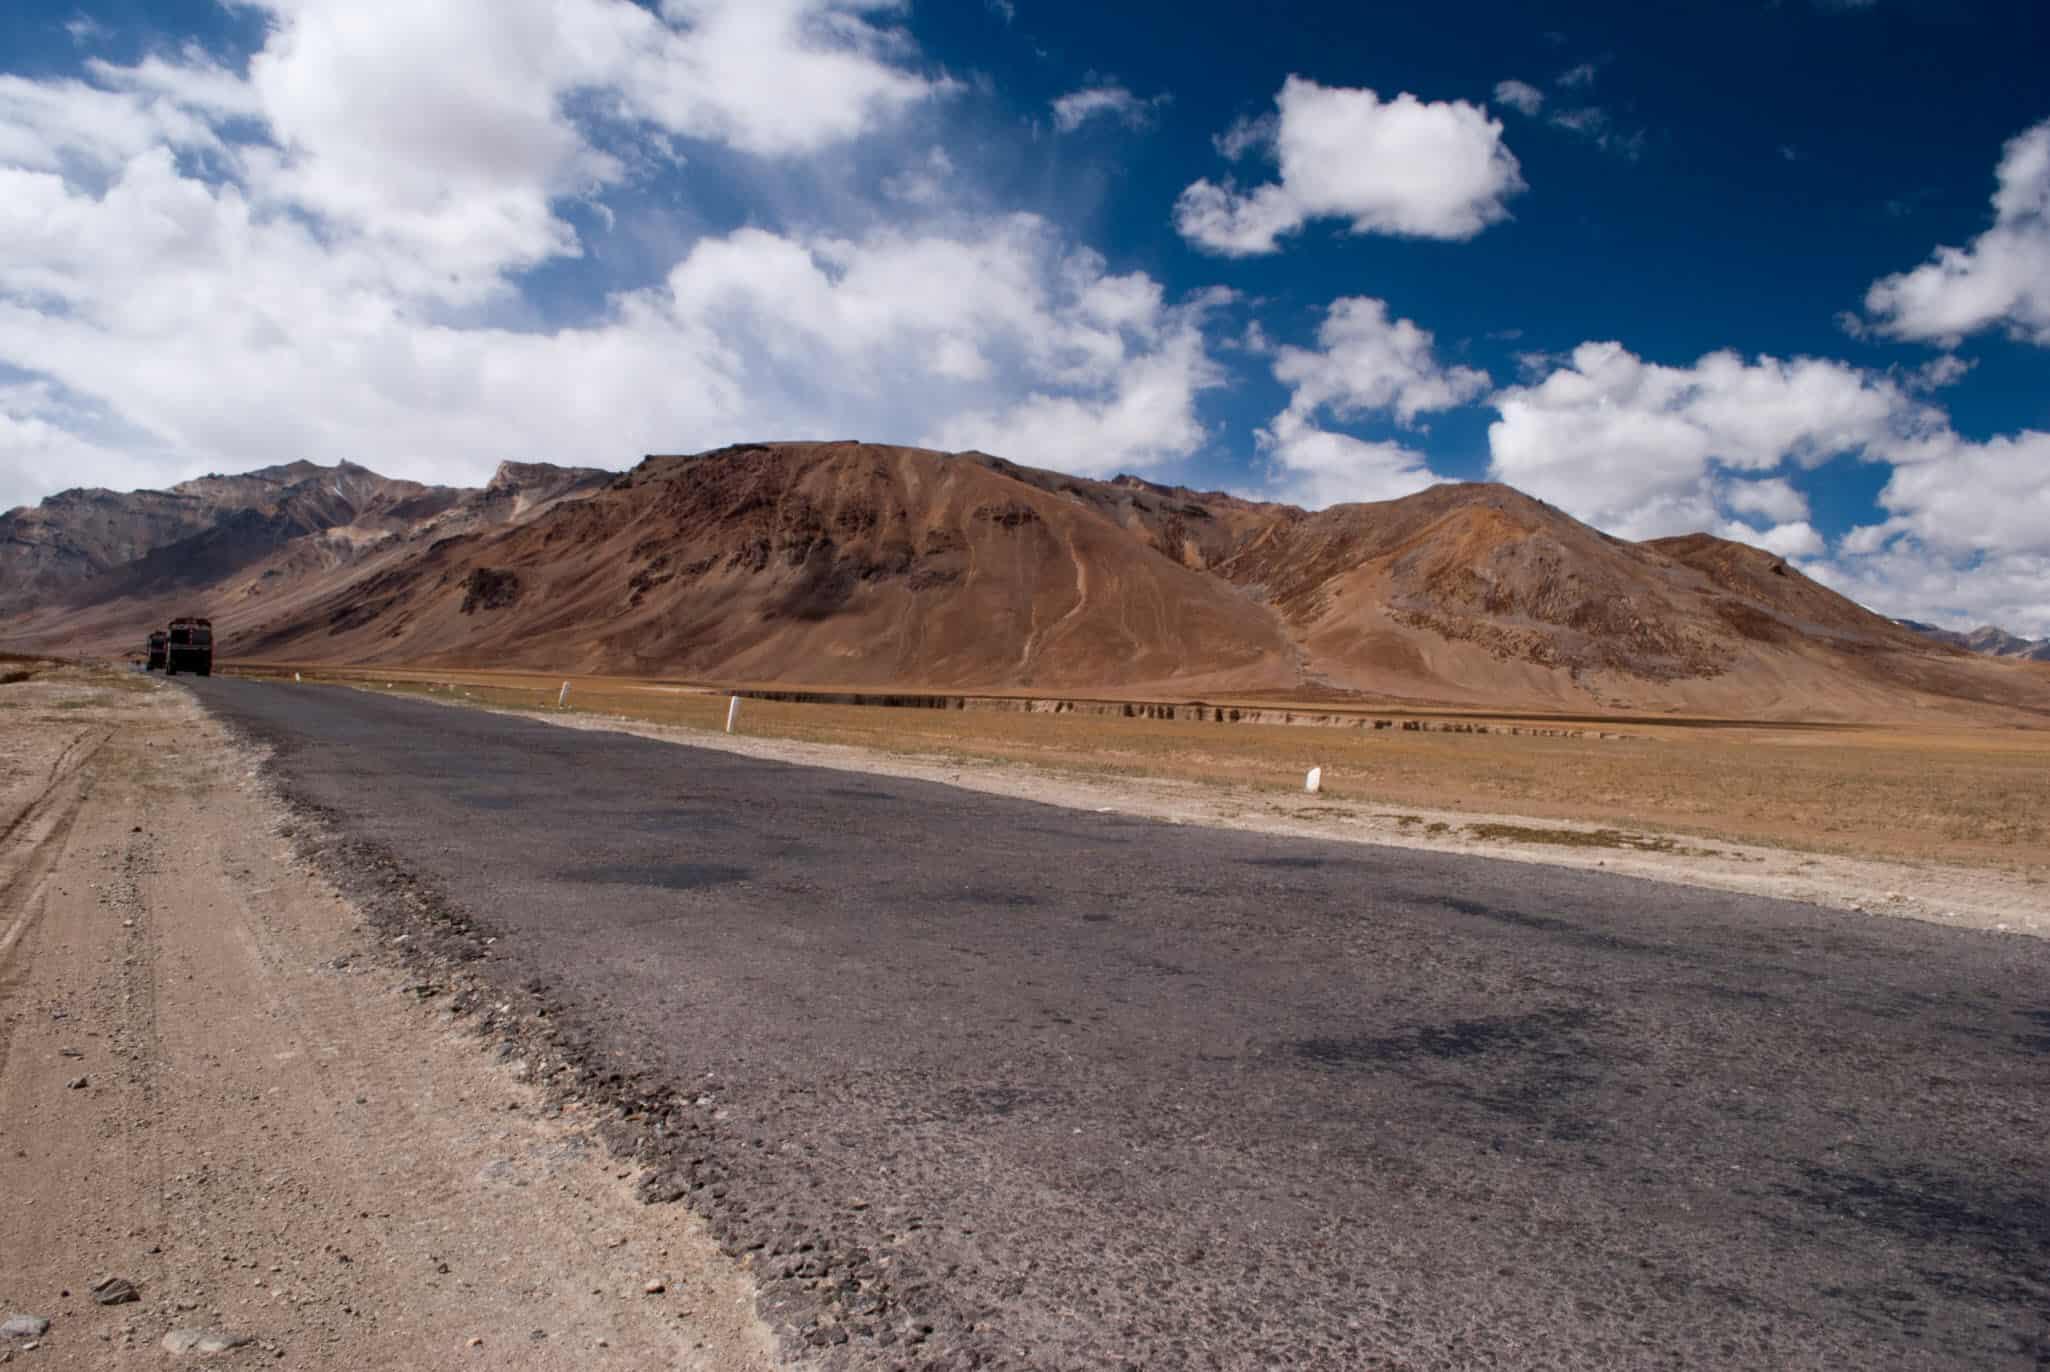 5 Reasons To Choose Srinagar Leh Road Over Manali Leh Road